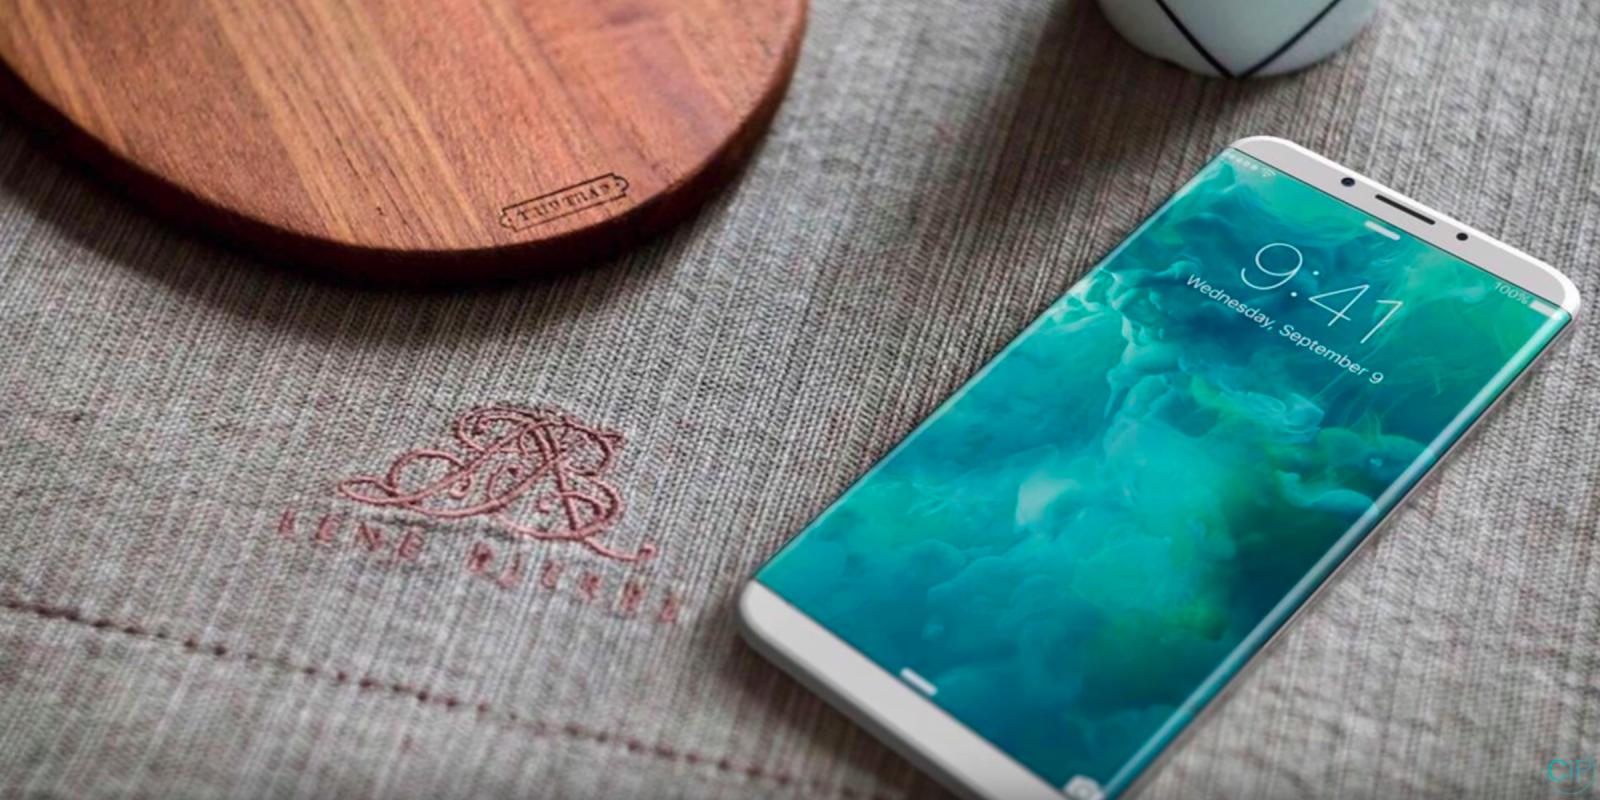 iPhone 8 baru diperkirakan keluar akhir tahun ini